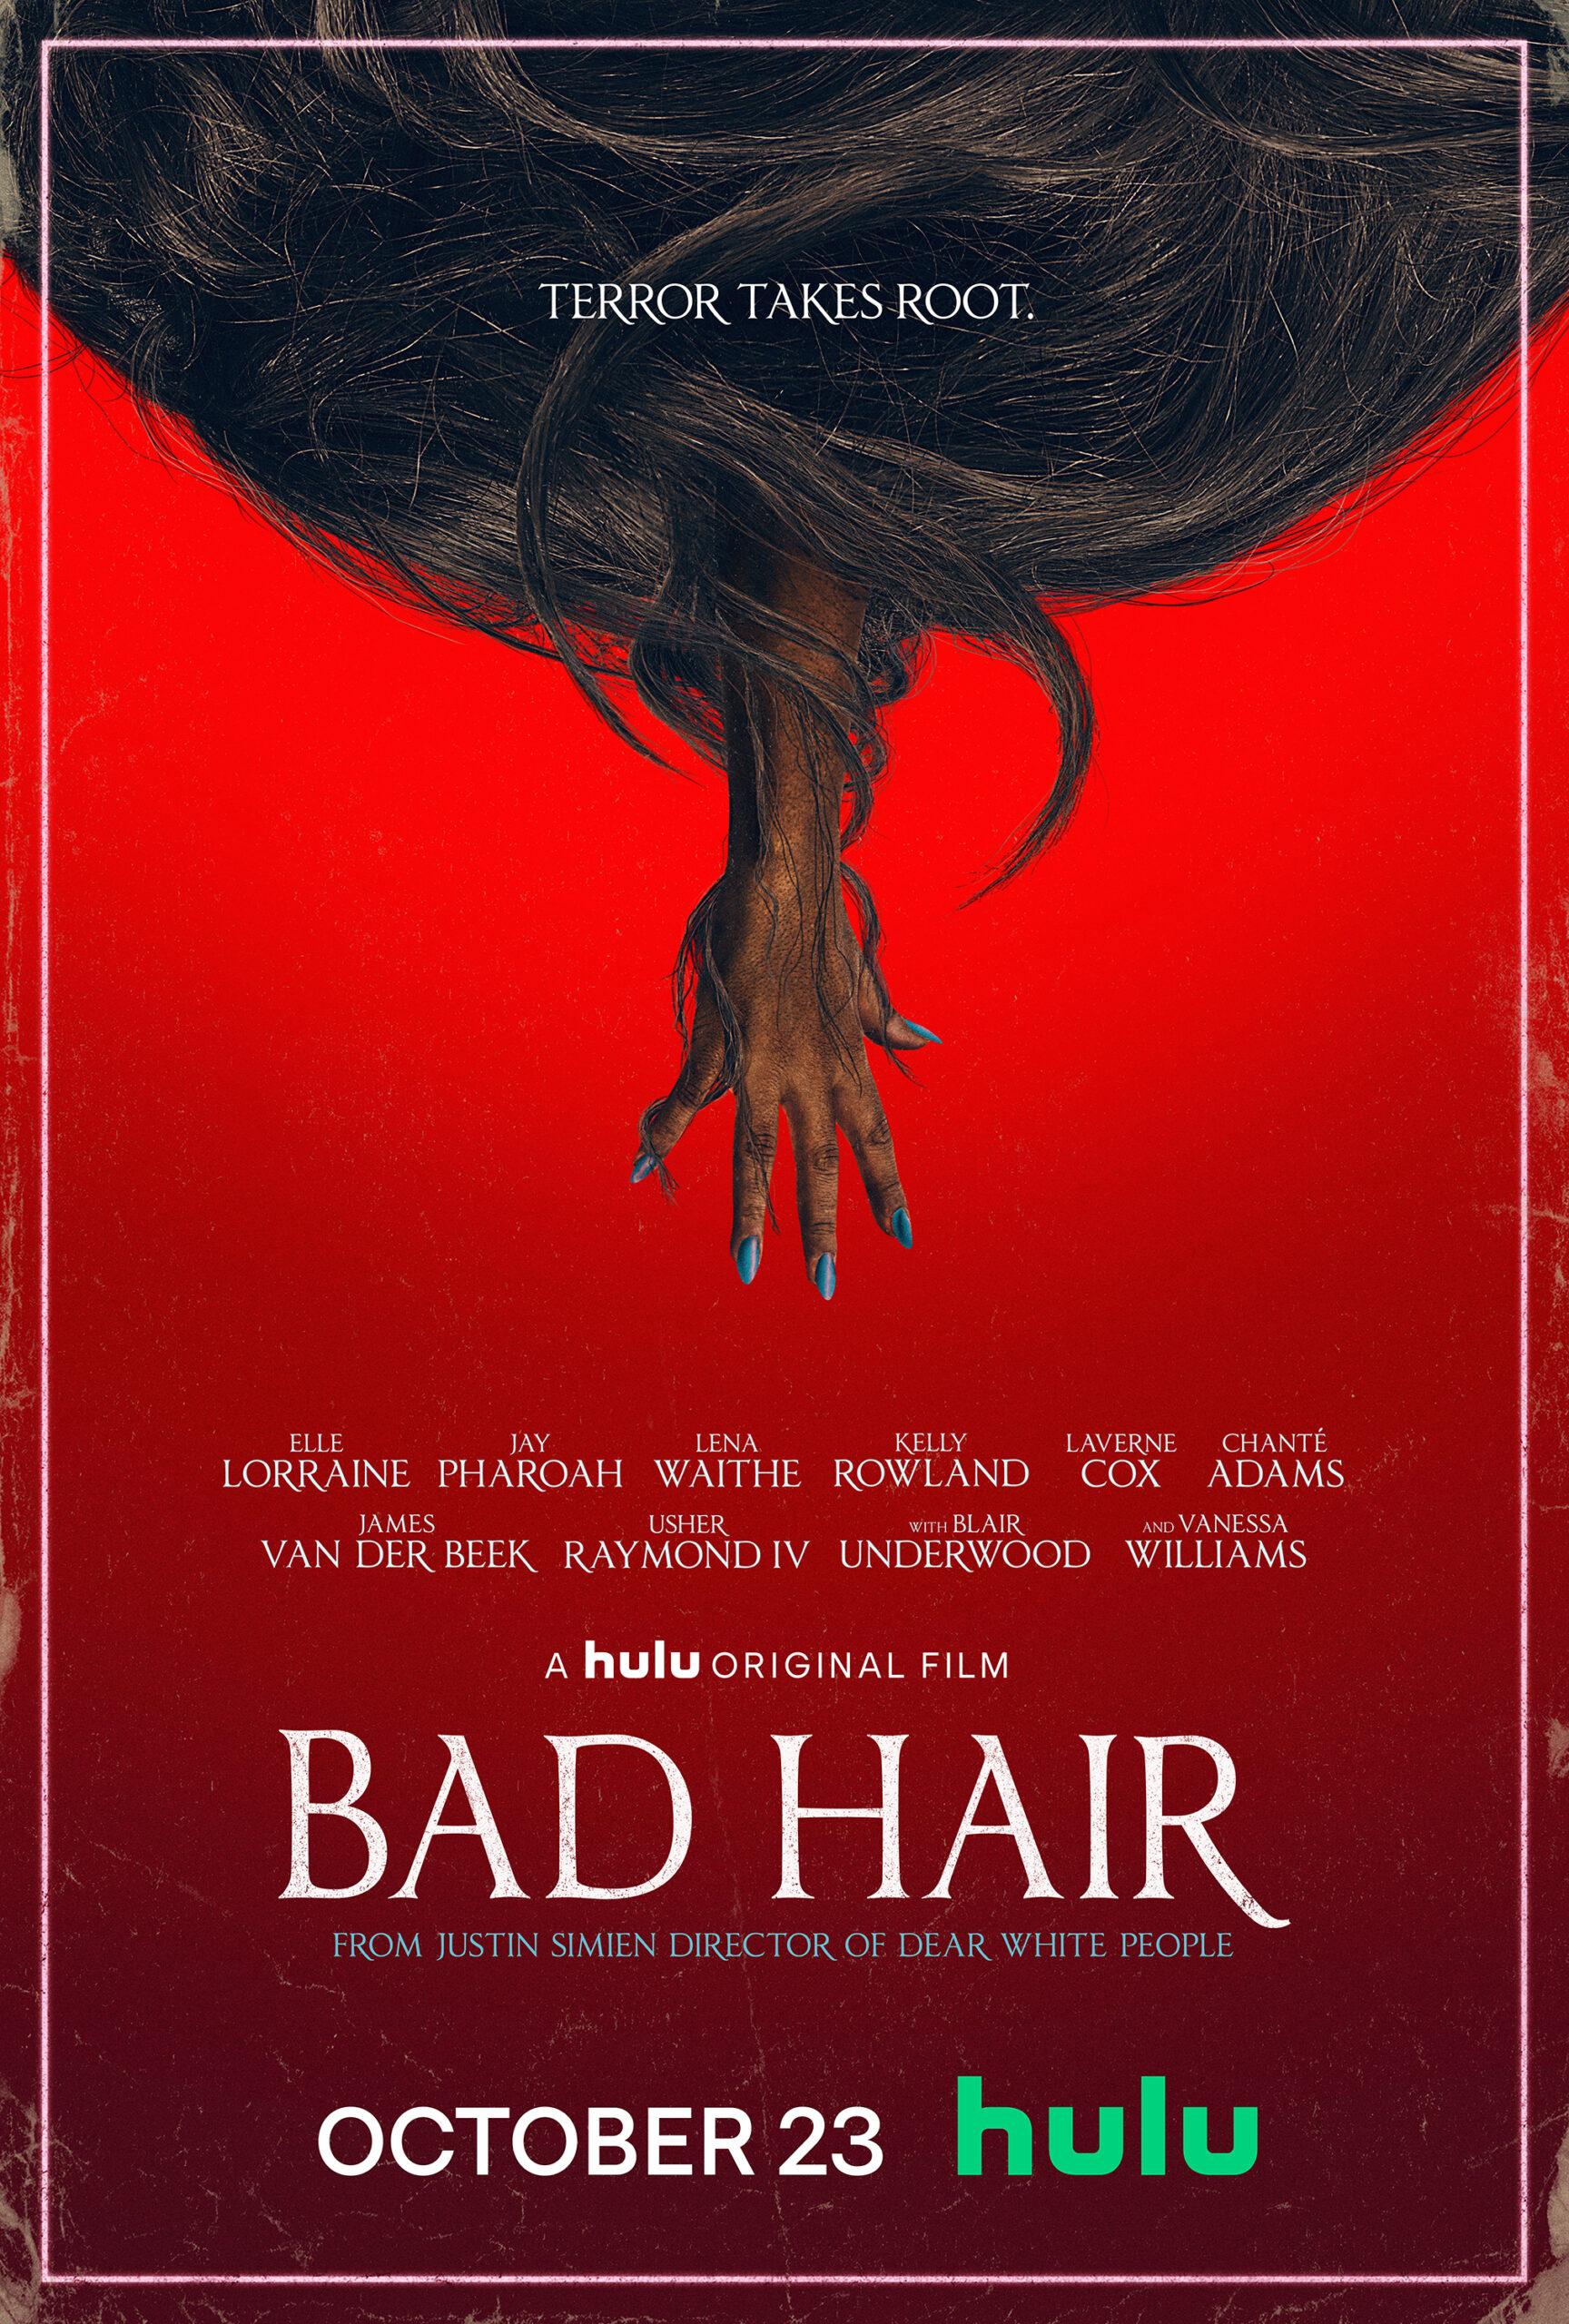 BAD HAIR Key Art